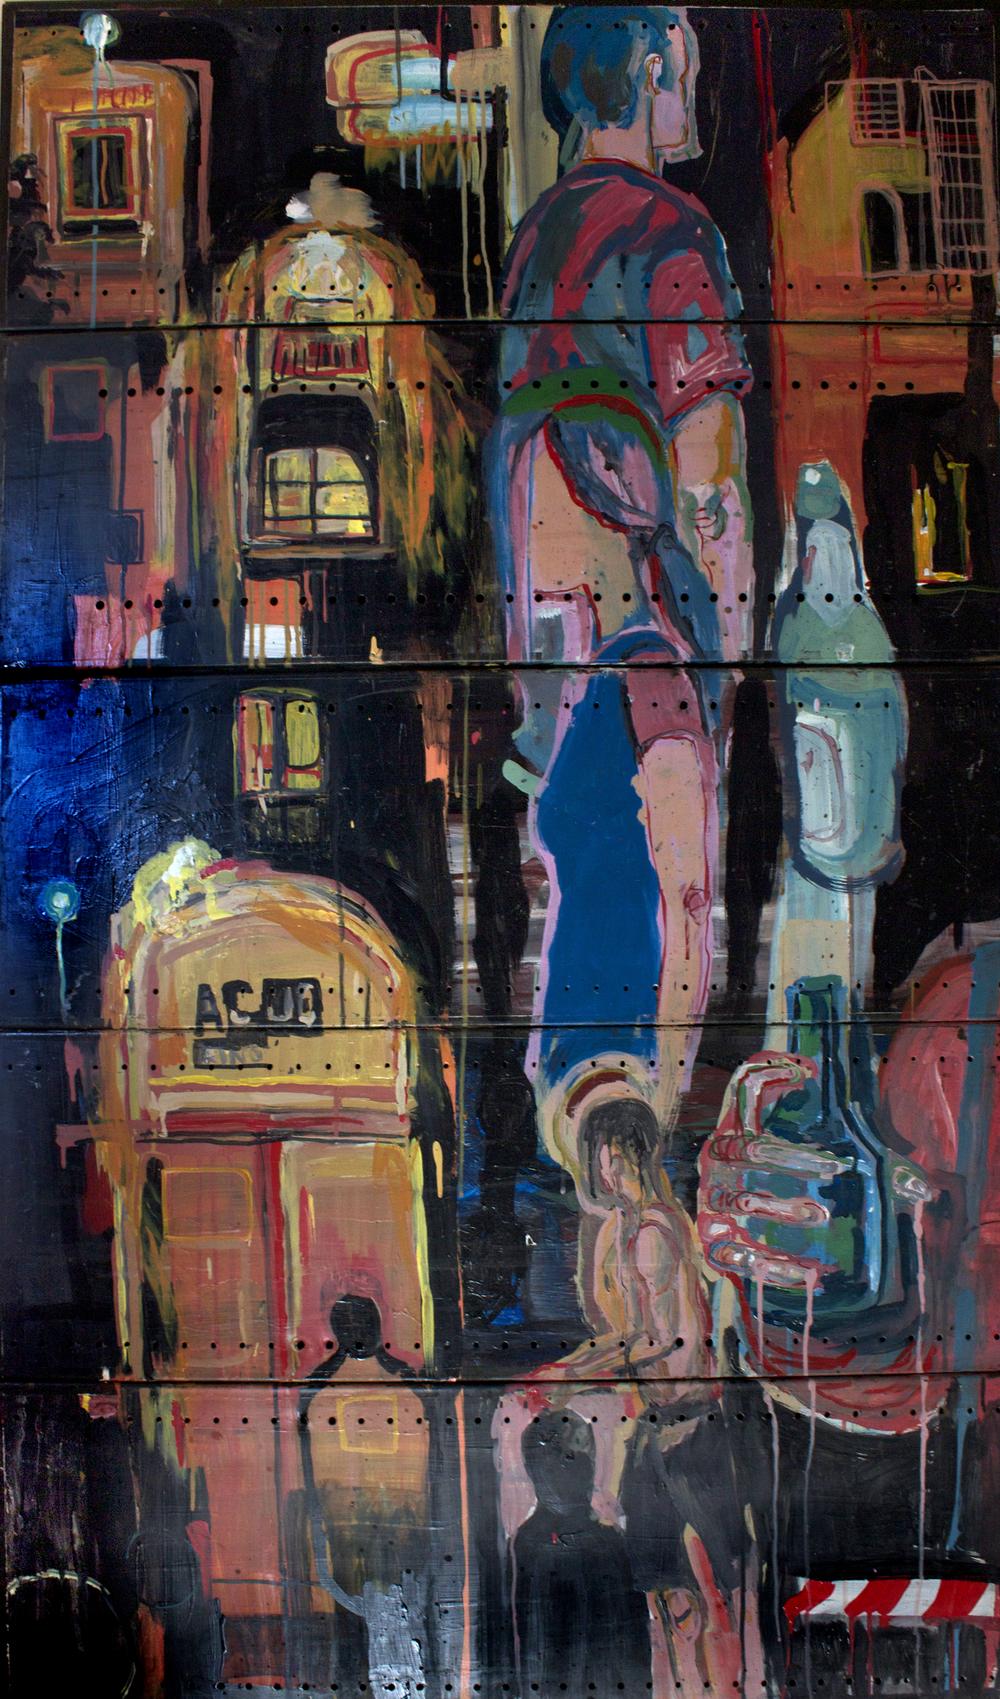 ACUD, acrylic on metal, 5x3ft, 2003